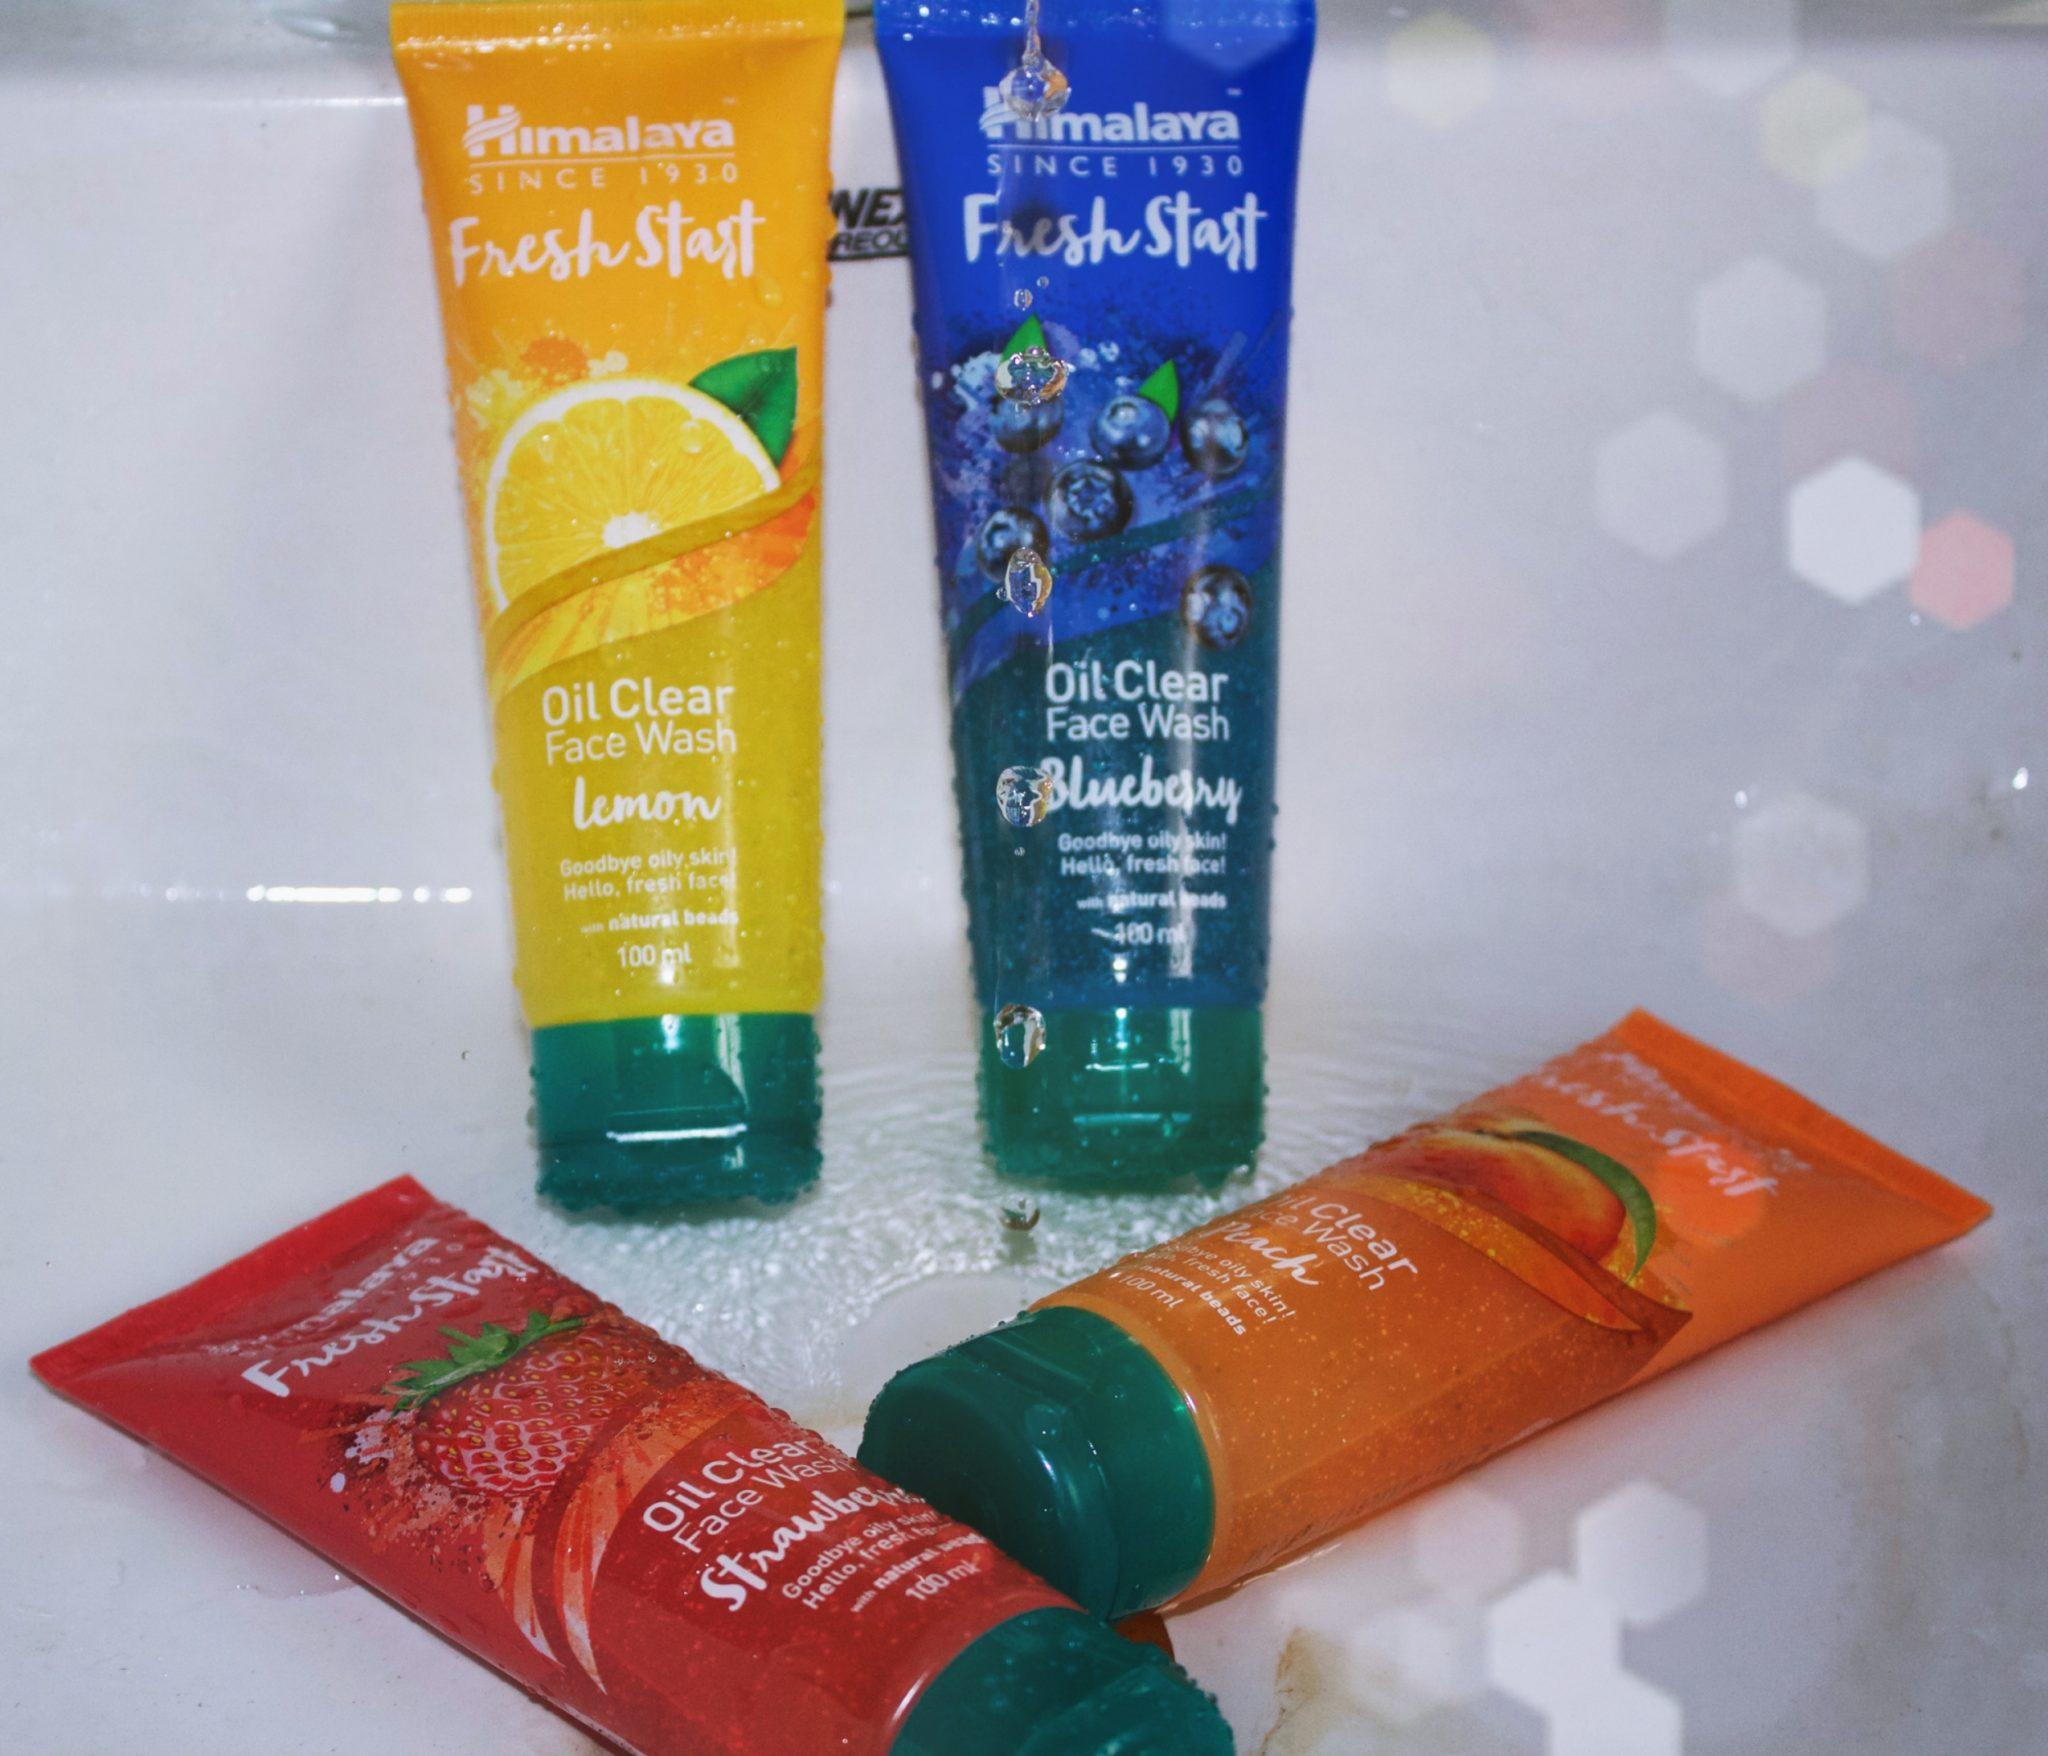 Himalaya Oil Clear Face Wash